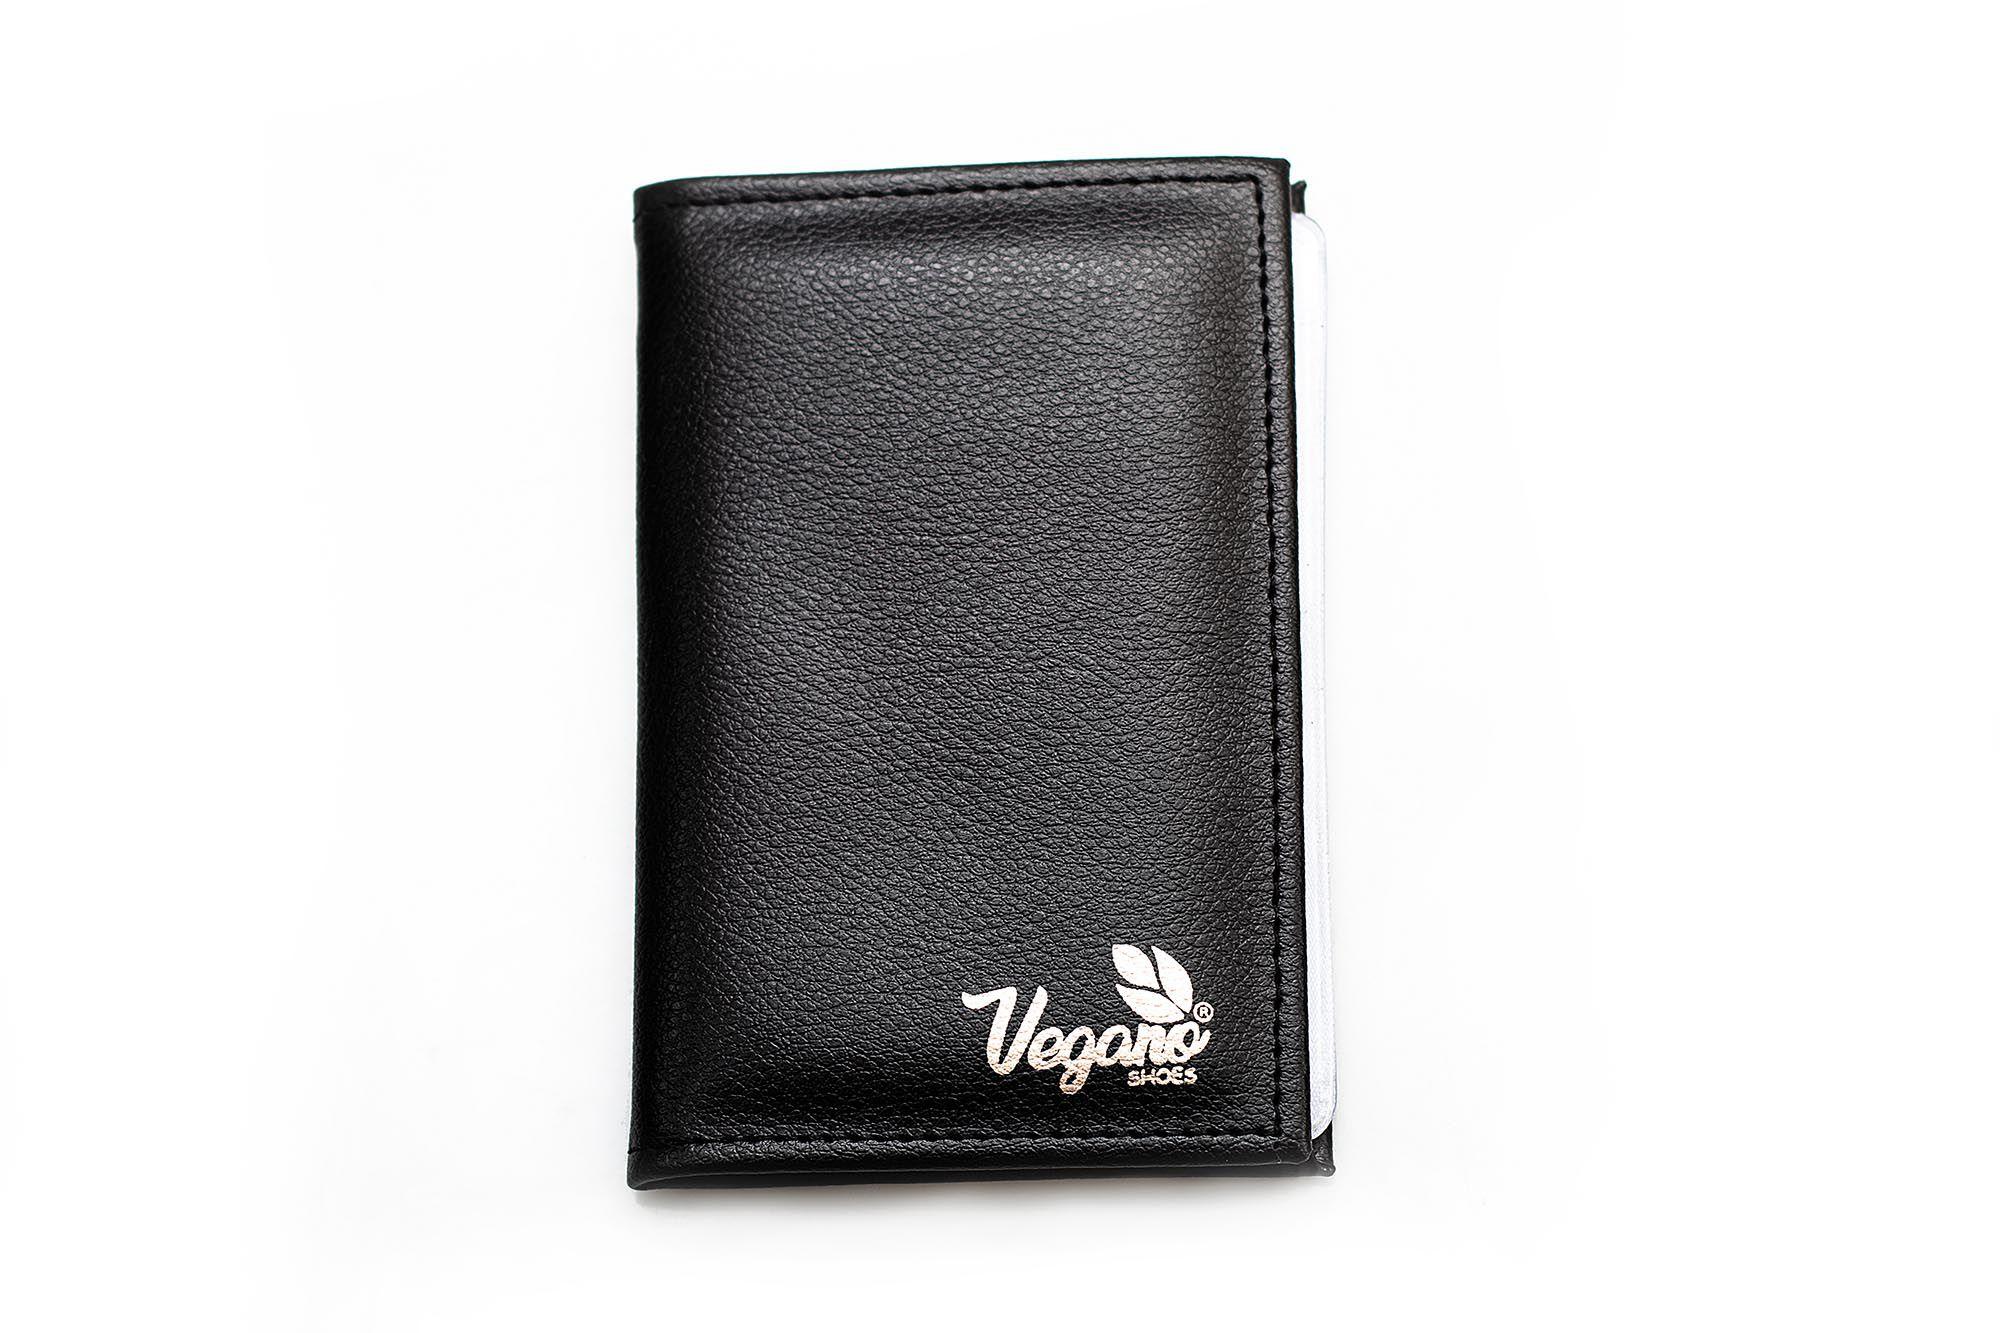 Porta documentos Vegano Shoes lírio Preto